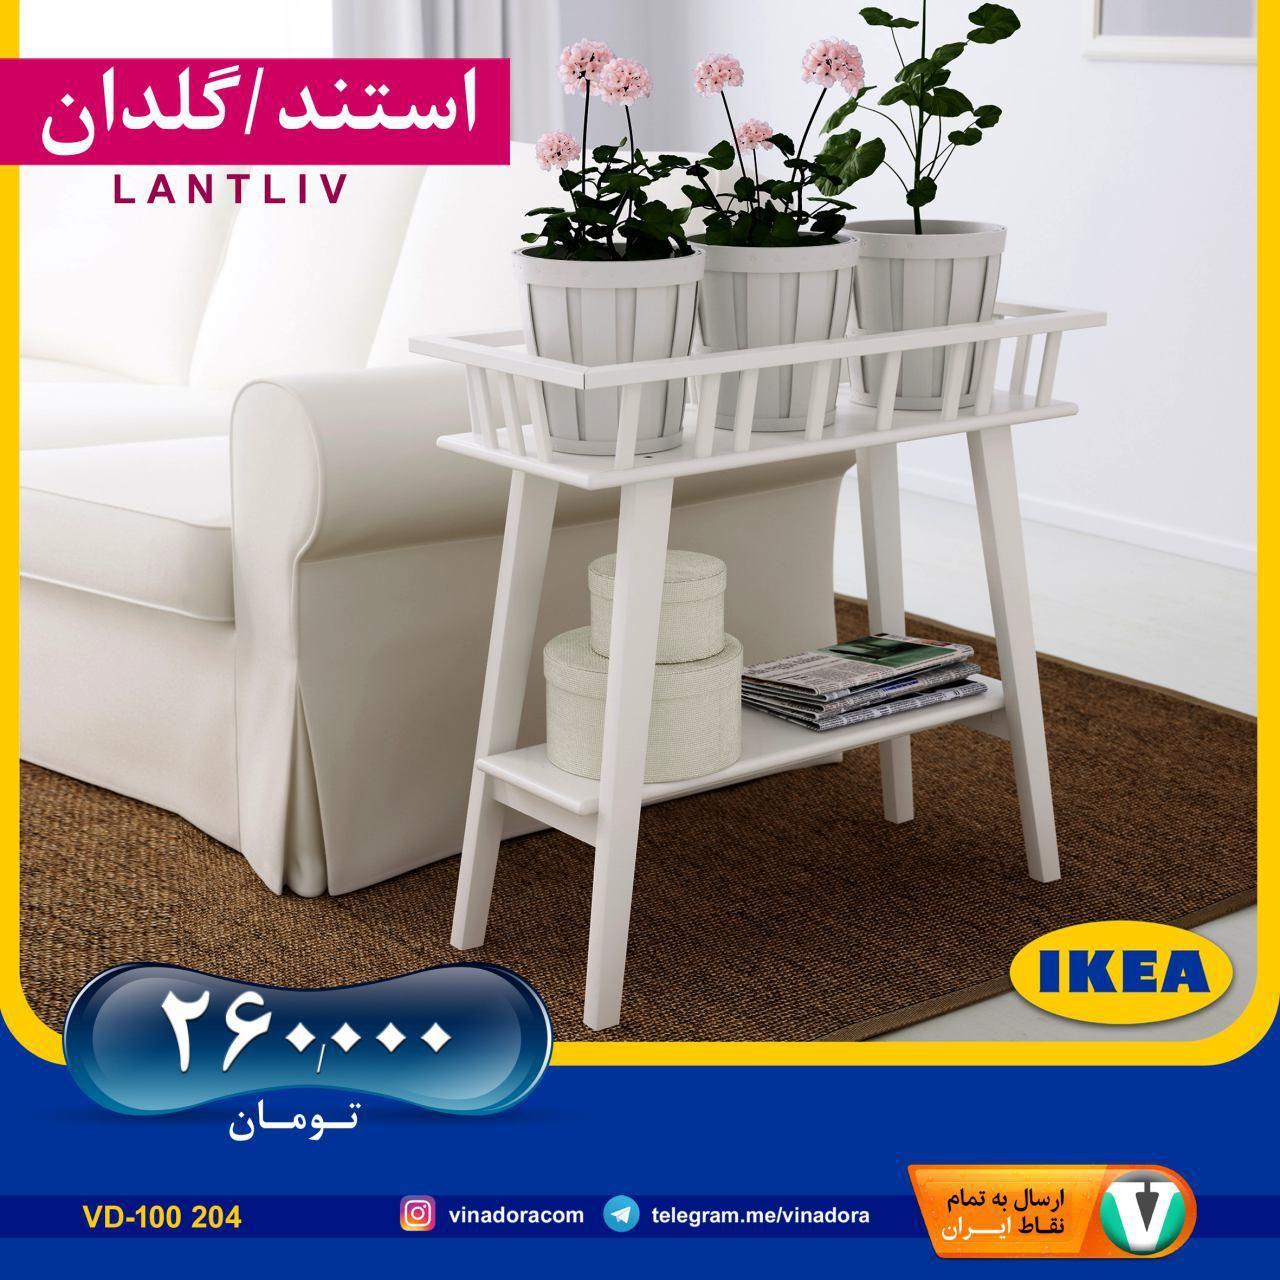 استند گلدان ایکیا مدل Lantliv ارتفاع ۶۸سانتی متر طول ۷۴سانتی متر عرض ۳۲سانتی متر وزن 8 کیلوگرم Ikea Patio Furniture Ikea Patio Backyard Pallet Furniture